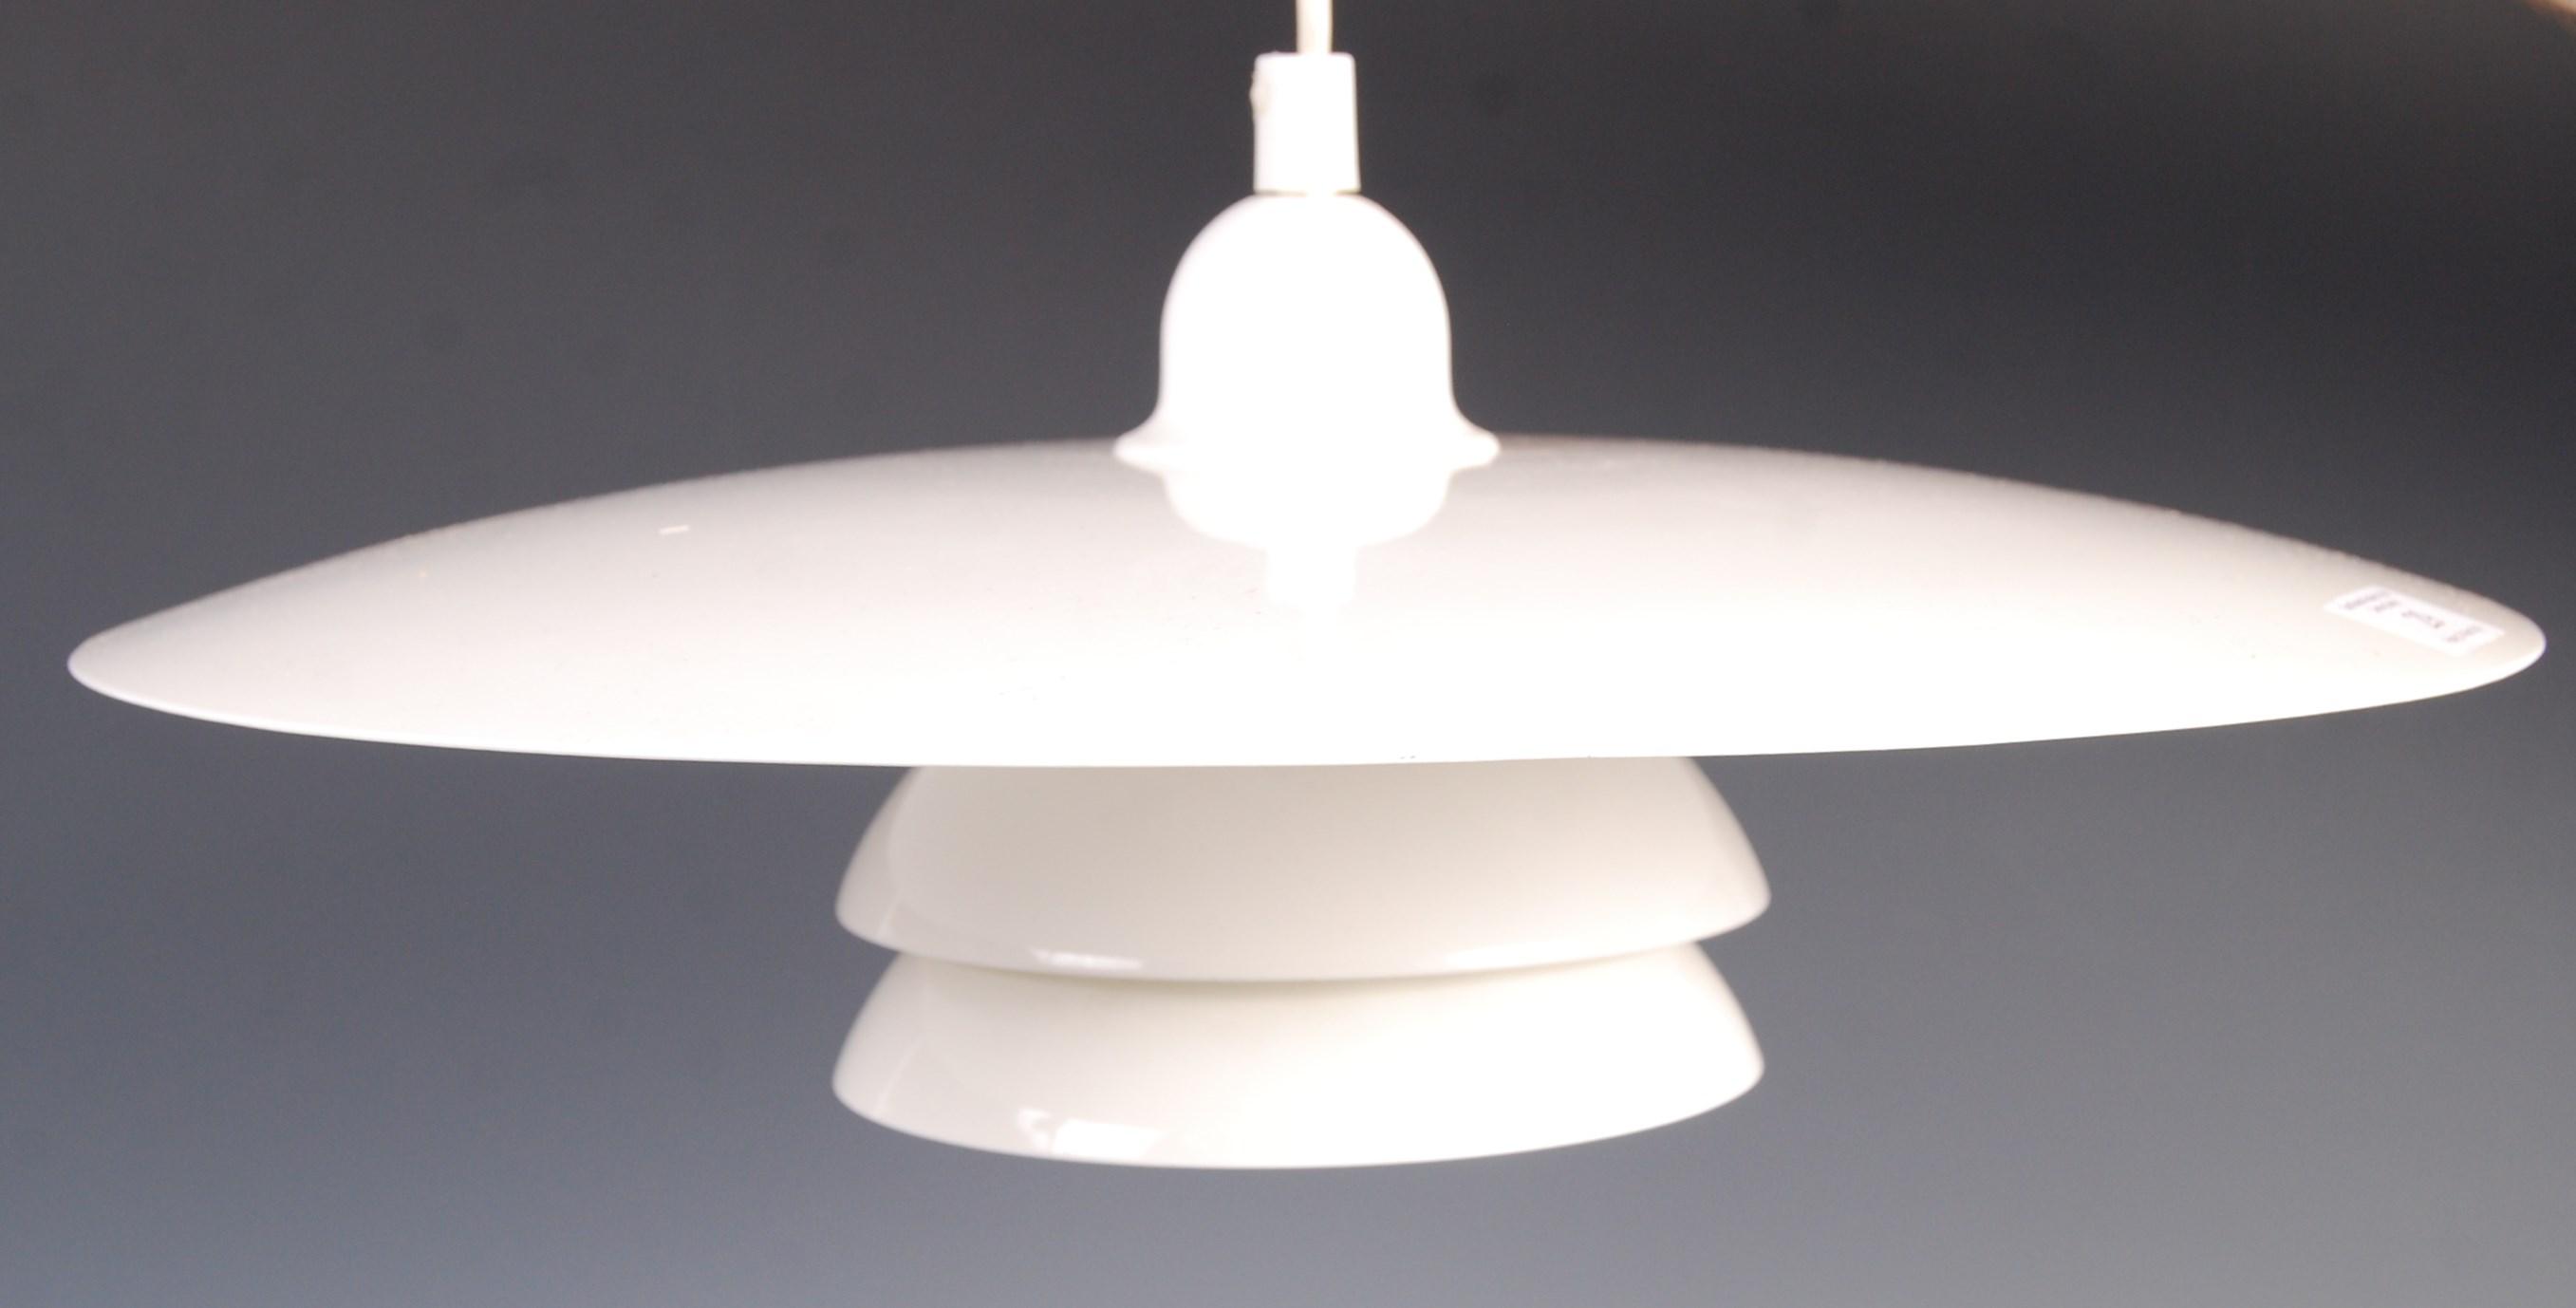 Lot 29 - 20TH CENTURY DANISH RETRO CEILING LAMP / LIGHT PENDANT FIXTURE